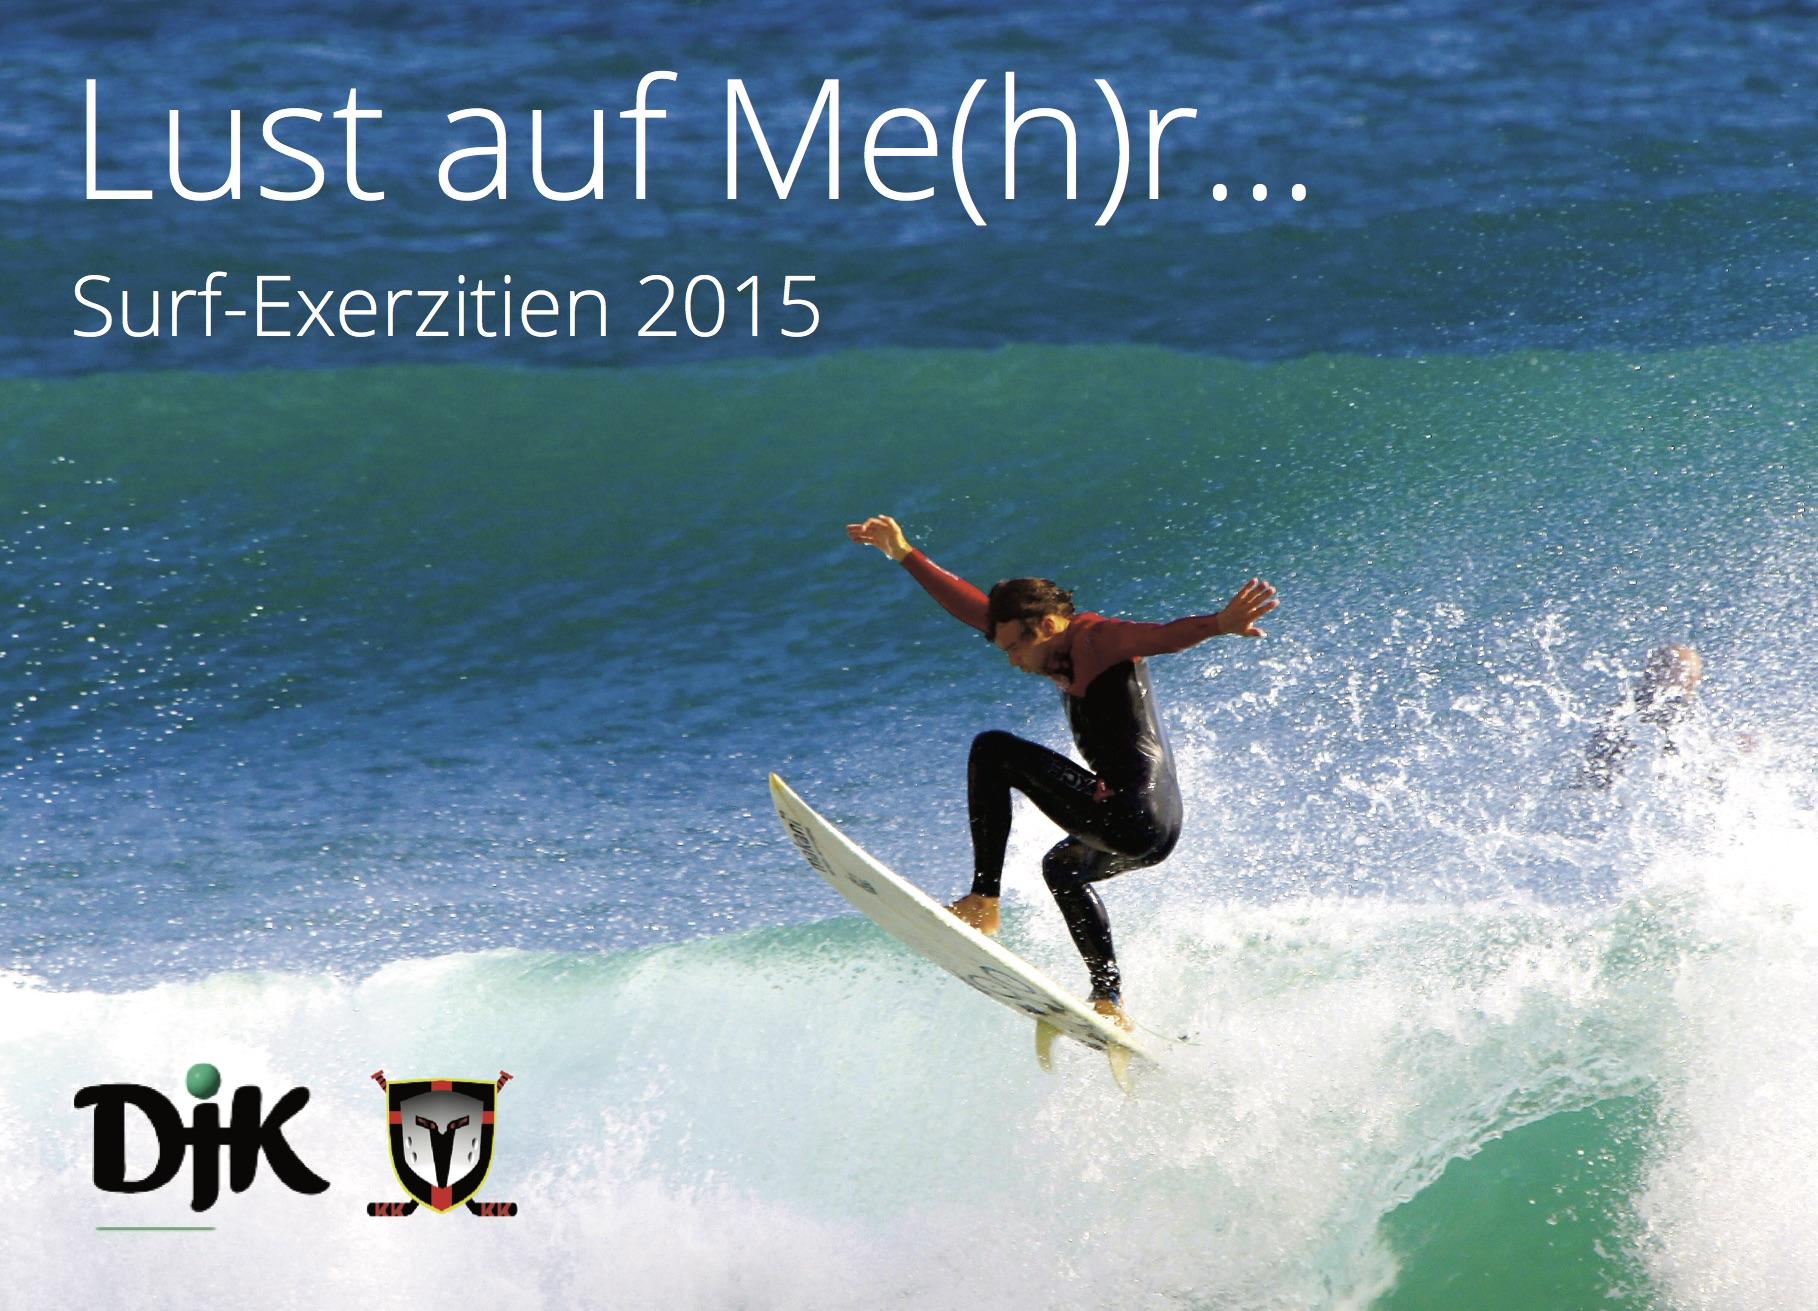 Postkarte Surf-Exerzitien. Foto: Jump around von mic-pic via Flickr. Lizenz: Creative Commons